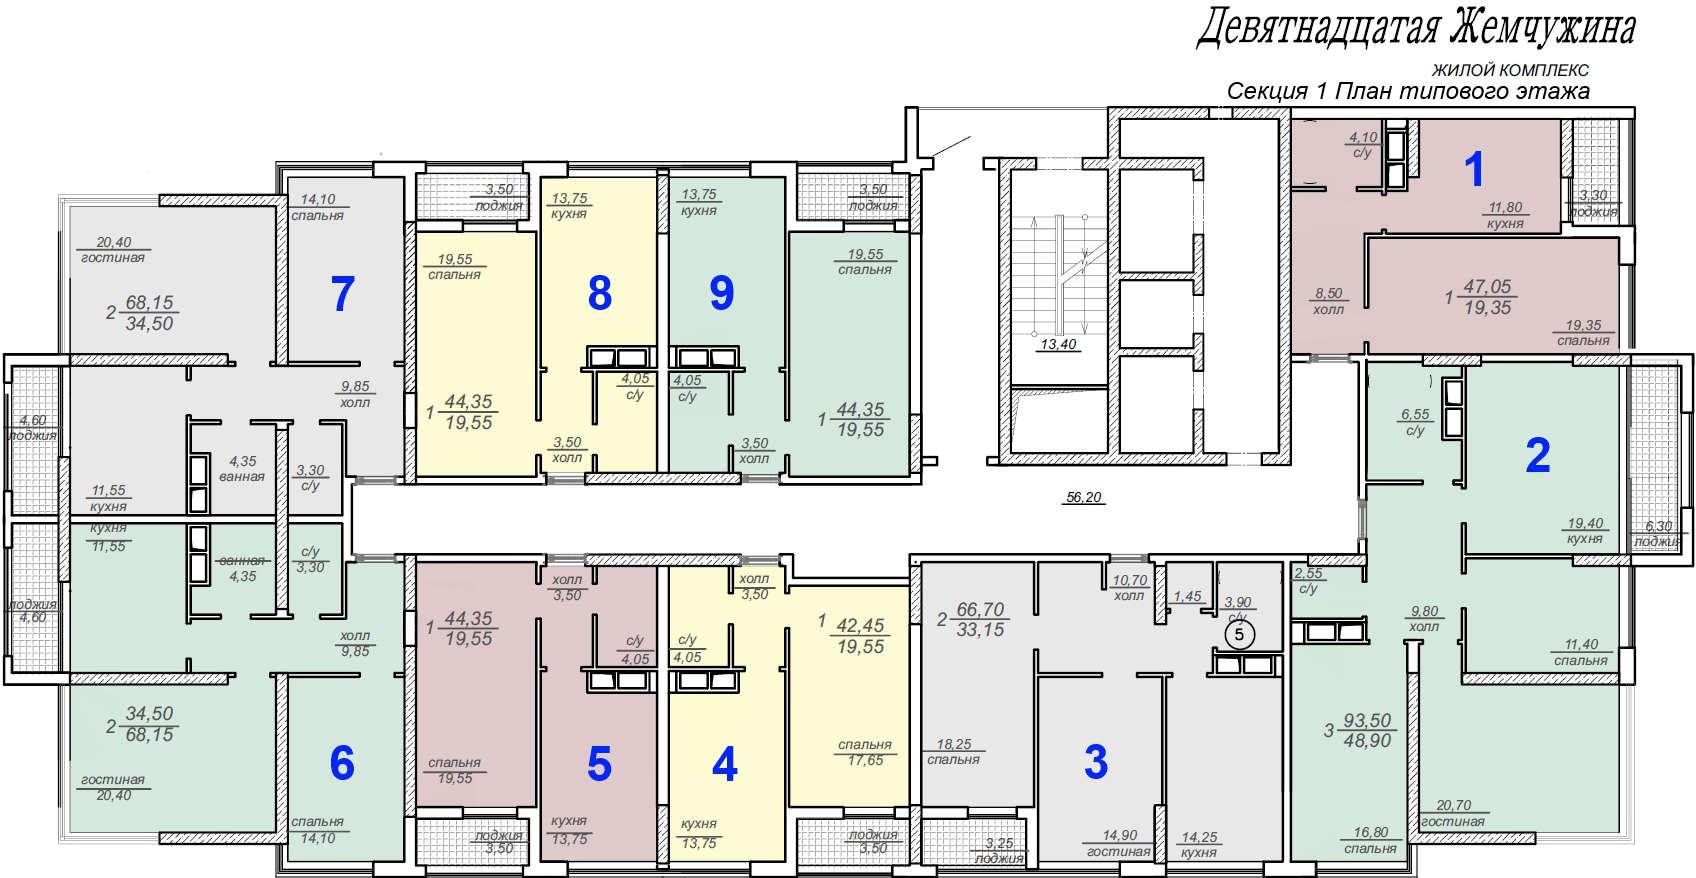 Кадорр, 19 Жемчужина, планировка типового этажа, секция 1